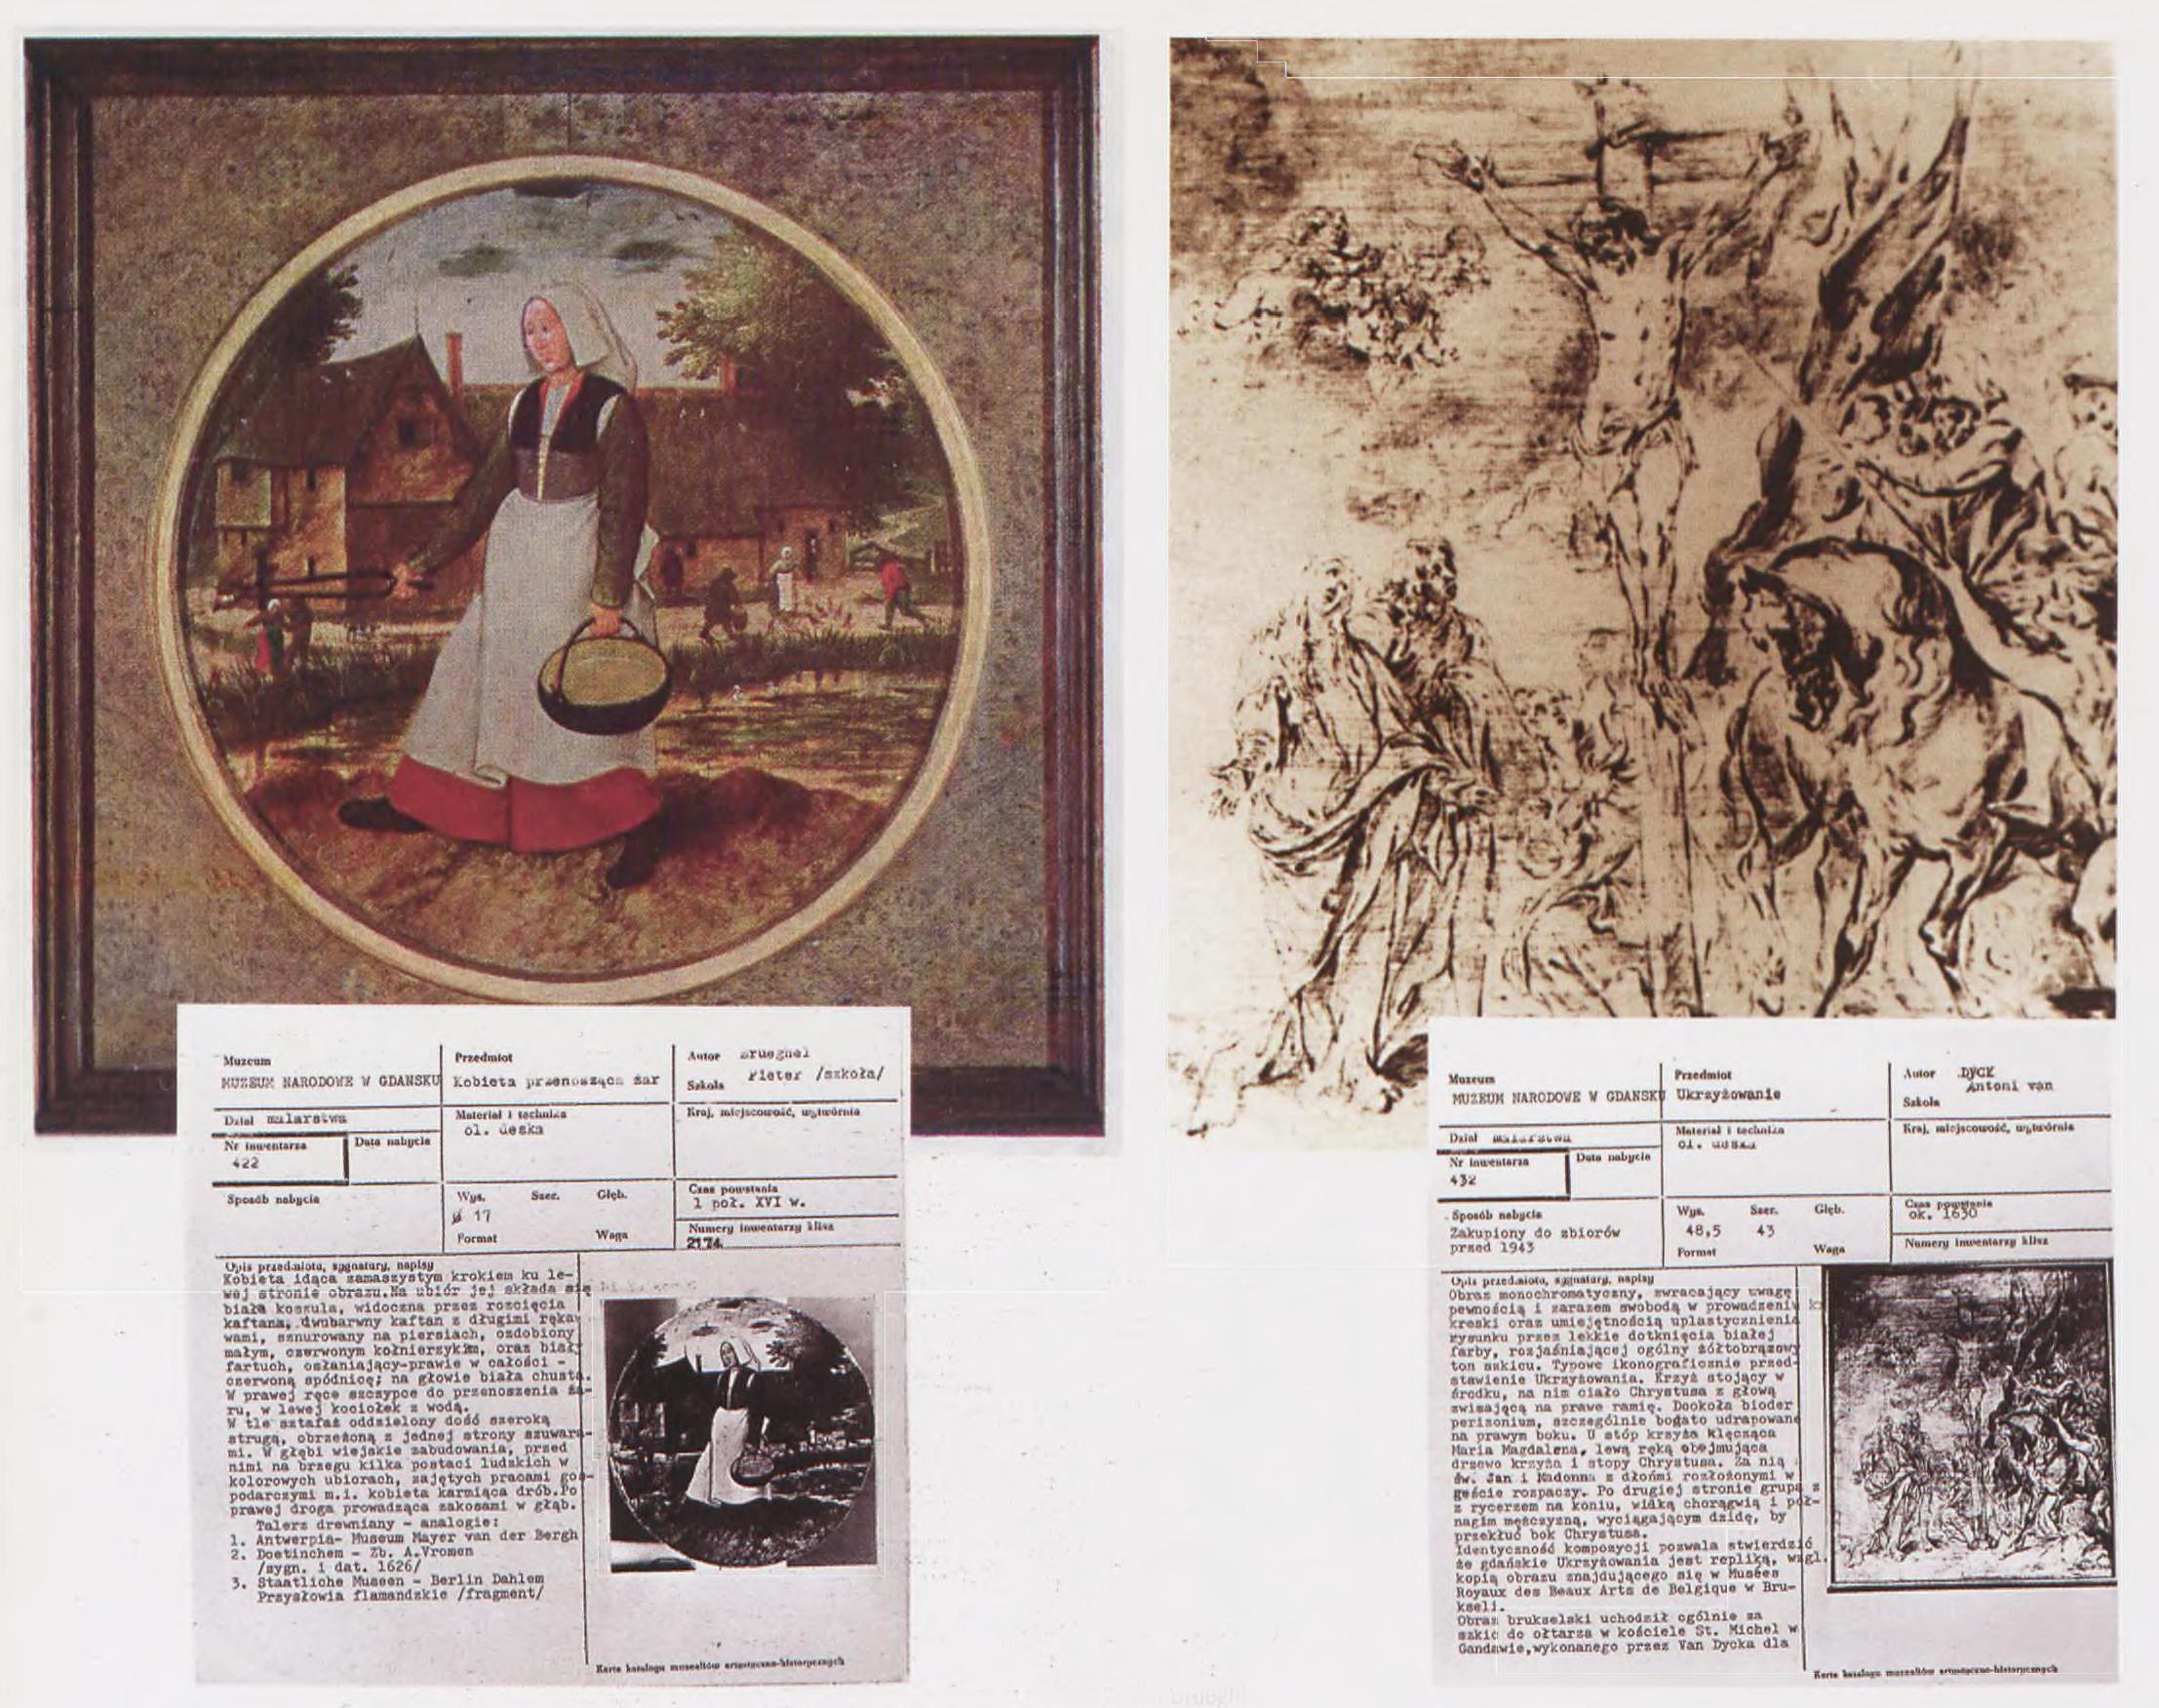 """Karty muzealne pozostałe po skradzionych obrazach, źródło: """"Cenne, bezcenne, utracone"""",  2008, Nr 4 (57)"""